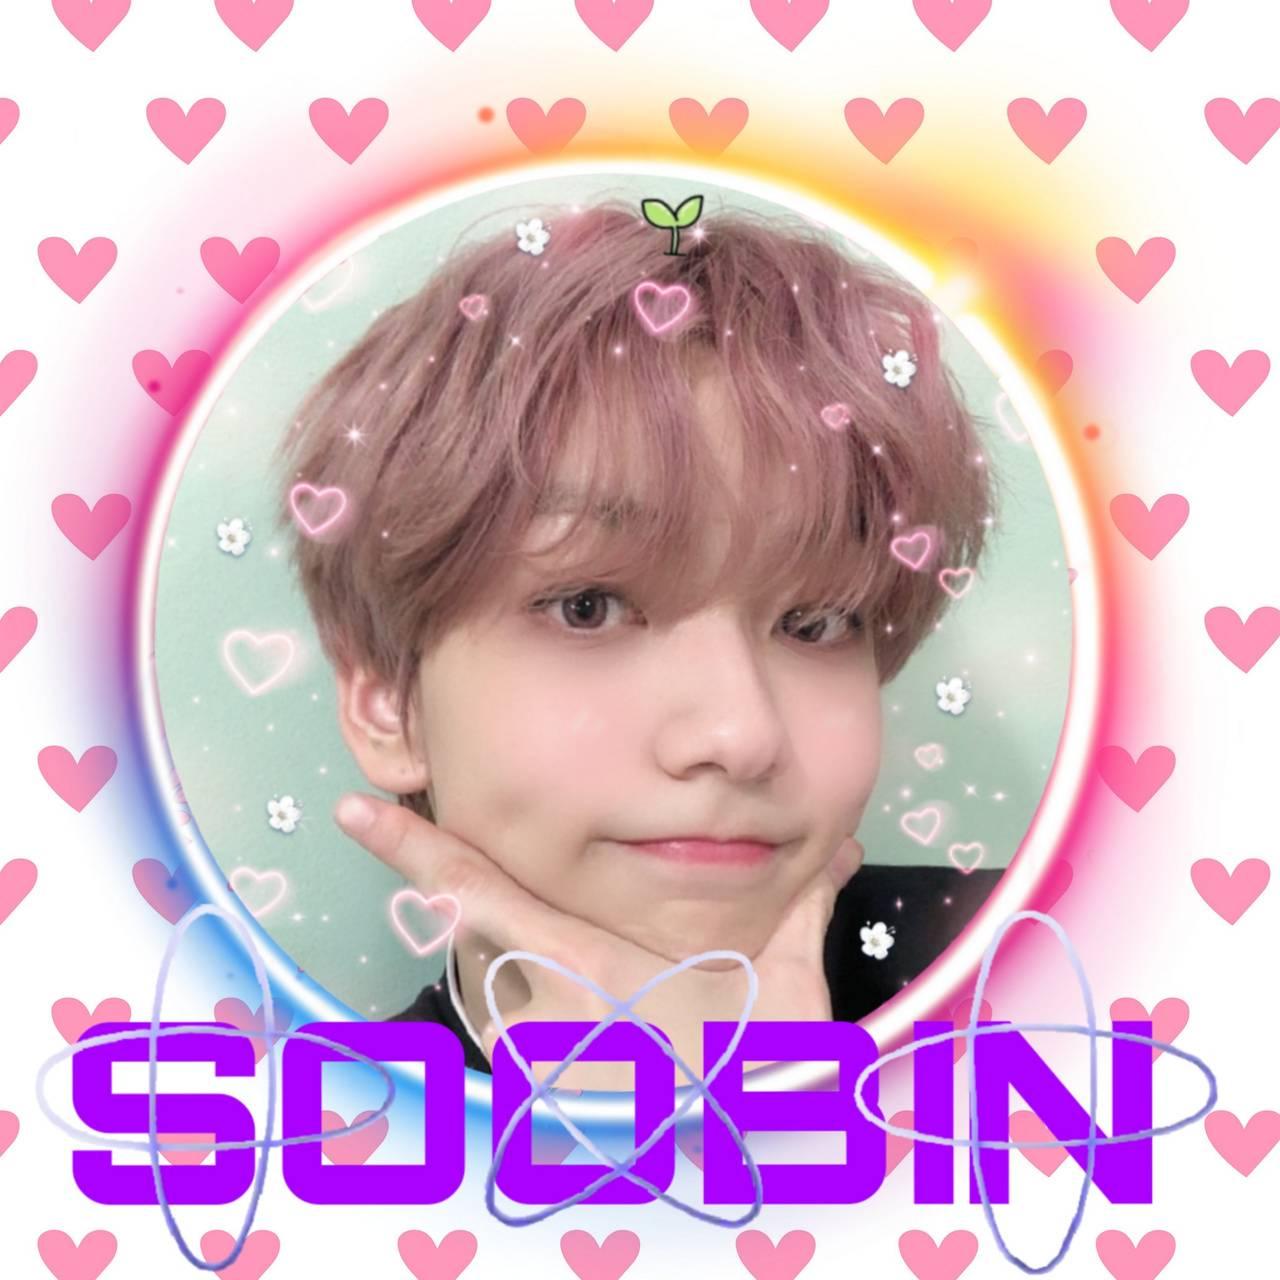 Soobin